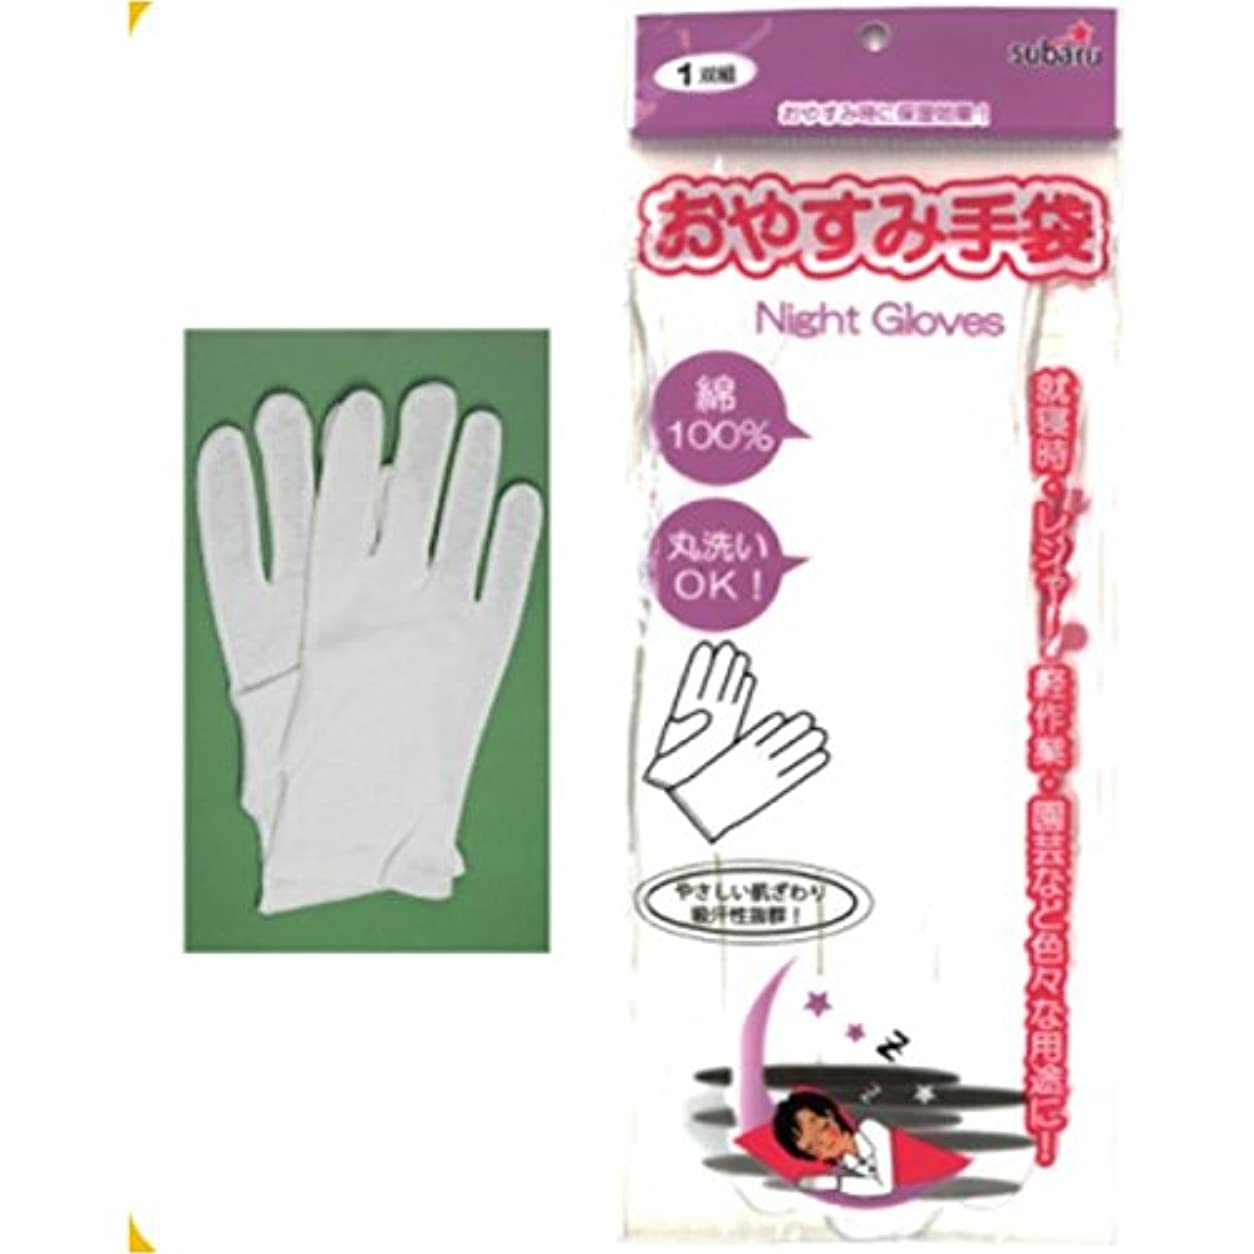 おやすみ手袋 (12個セット) 227-08